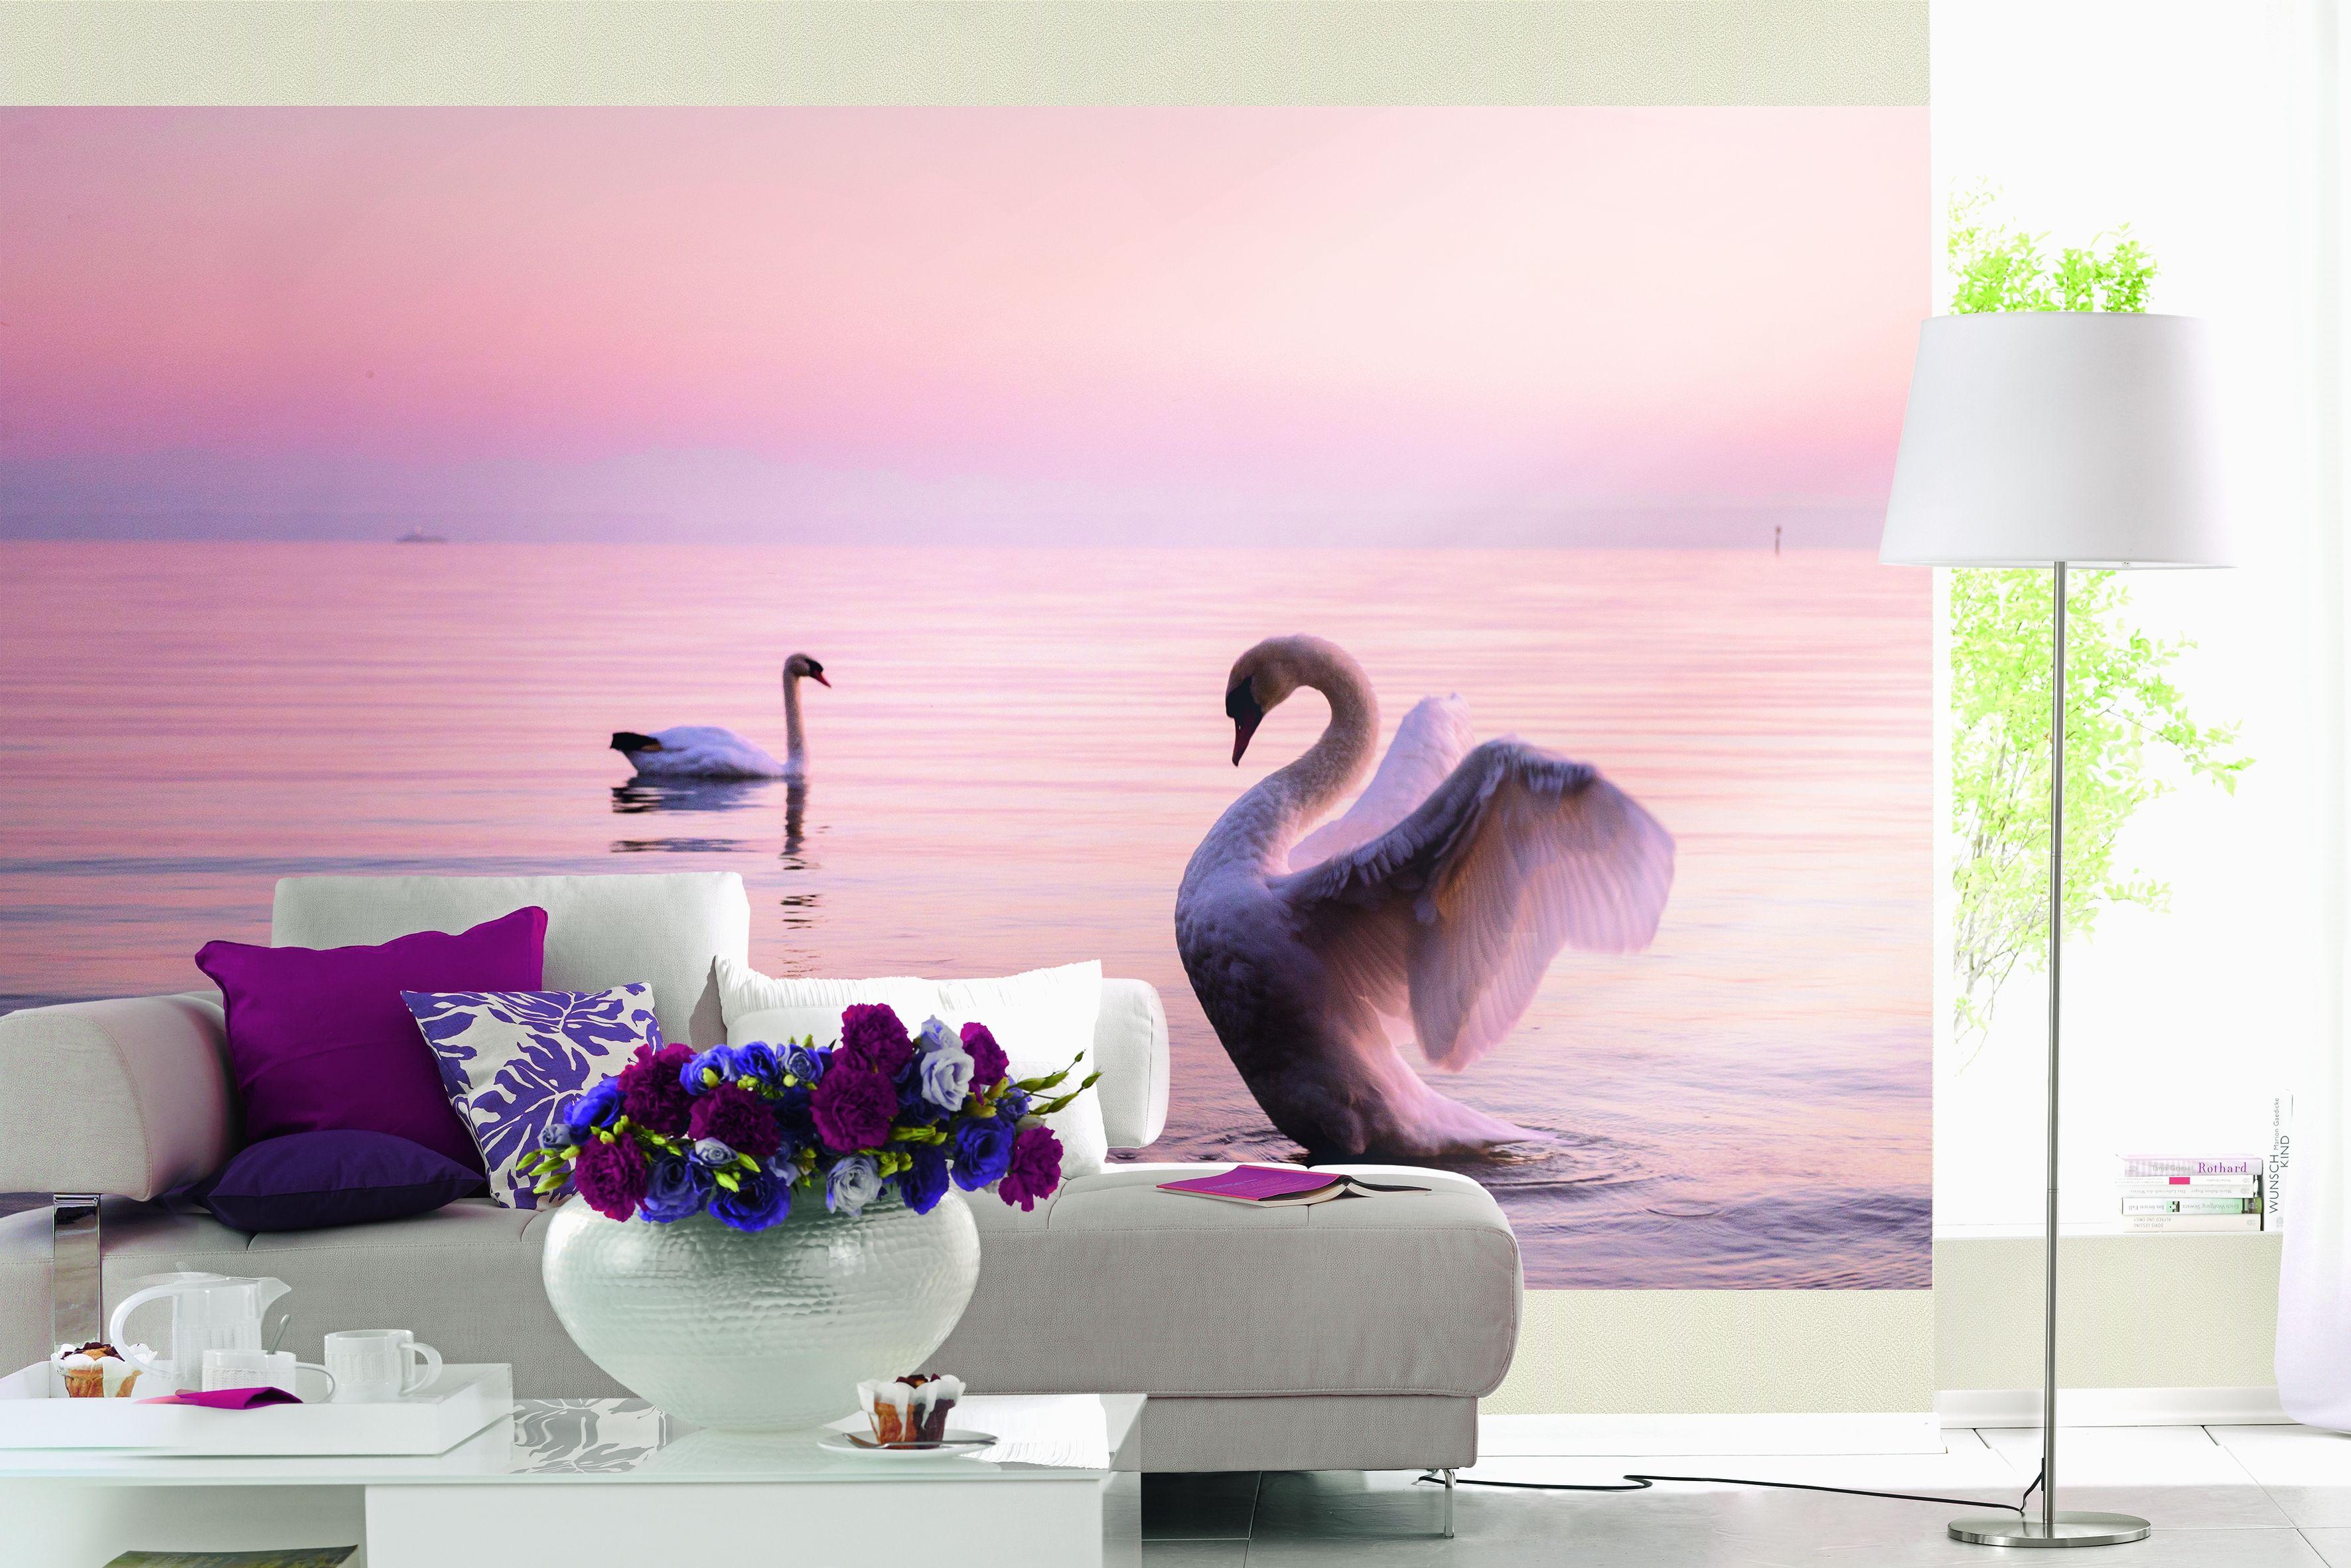 Traumhaftes Raumbild mit Schwan am Bodensee. Perfekte Fototapete für ...